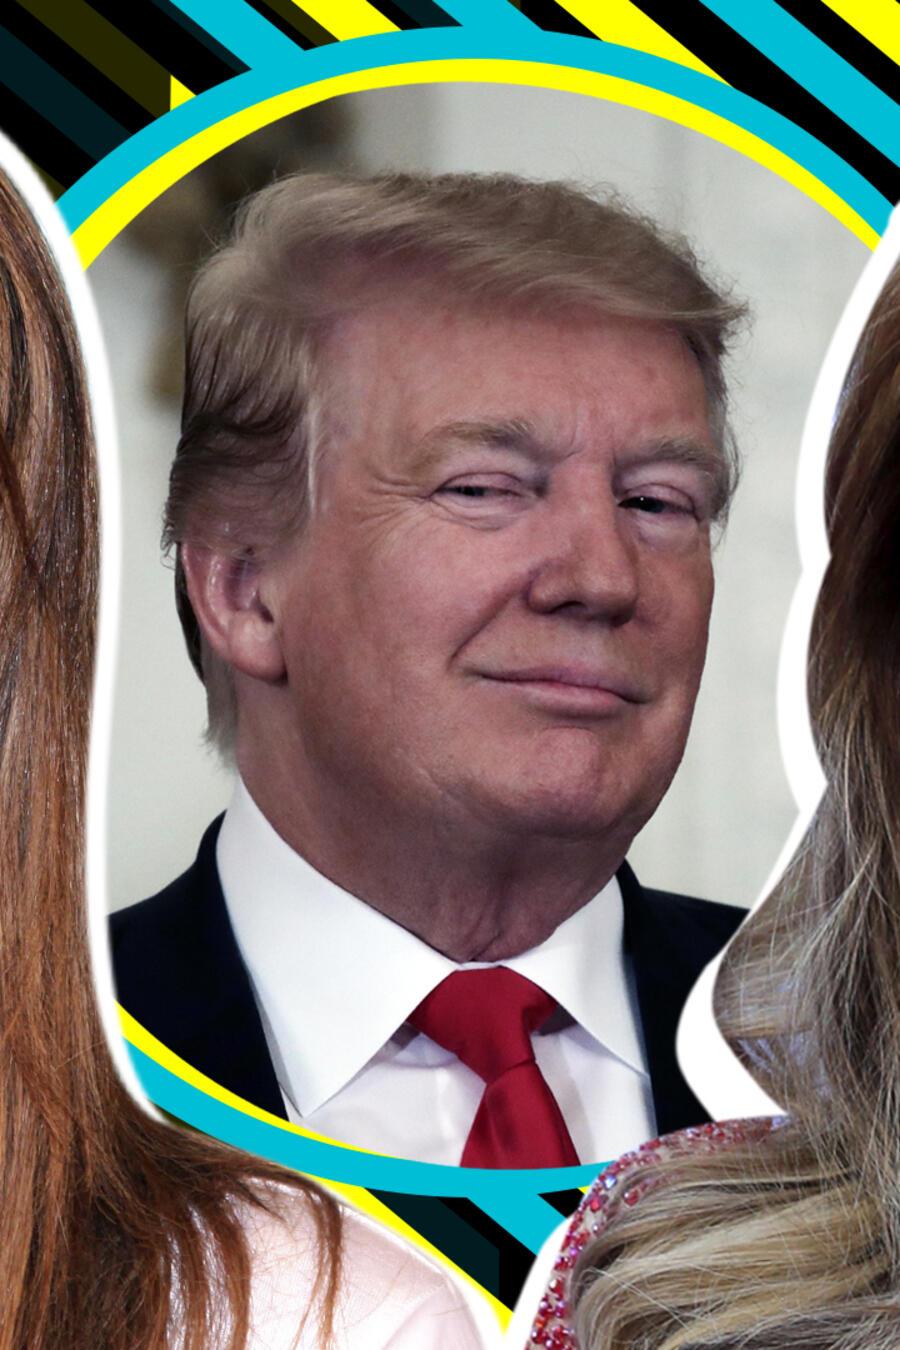 Alicia Machado reacciona al apoyo de Paty Navidad para Trump